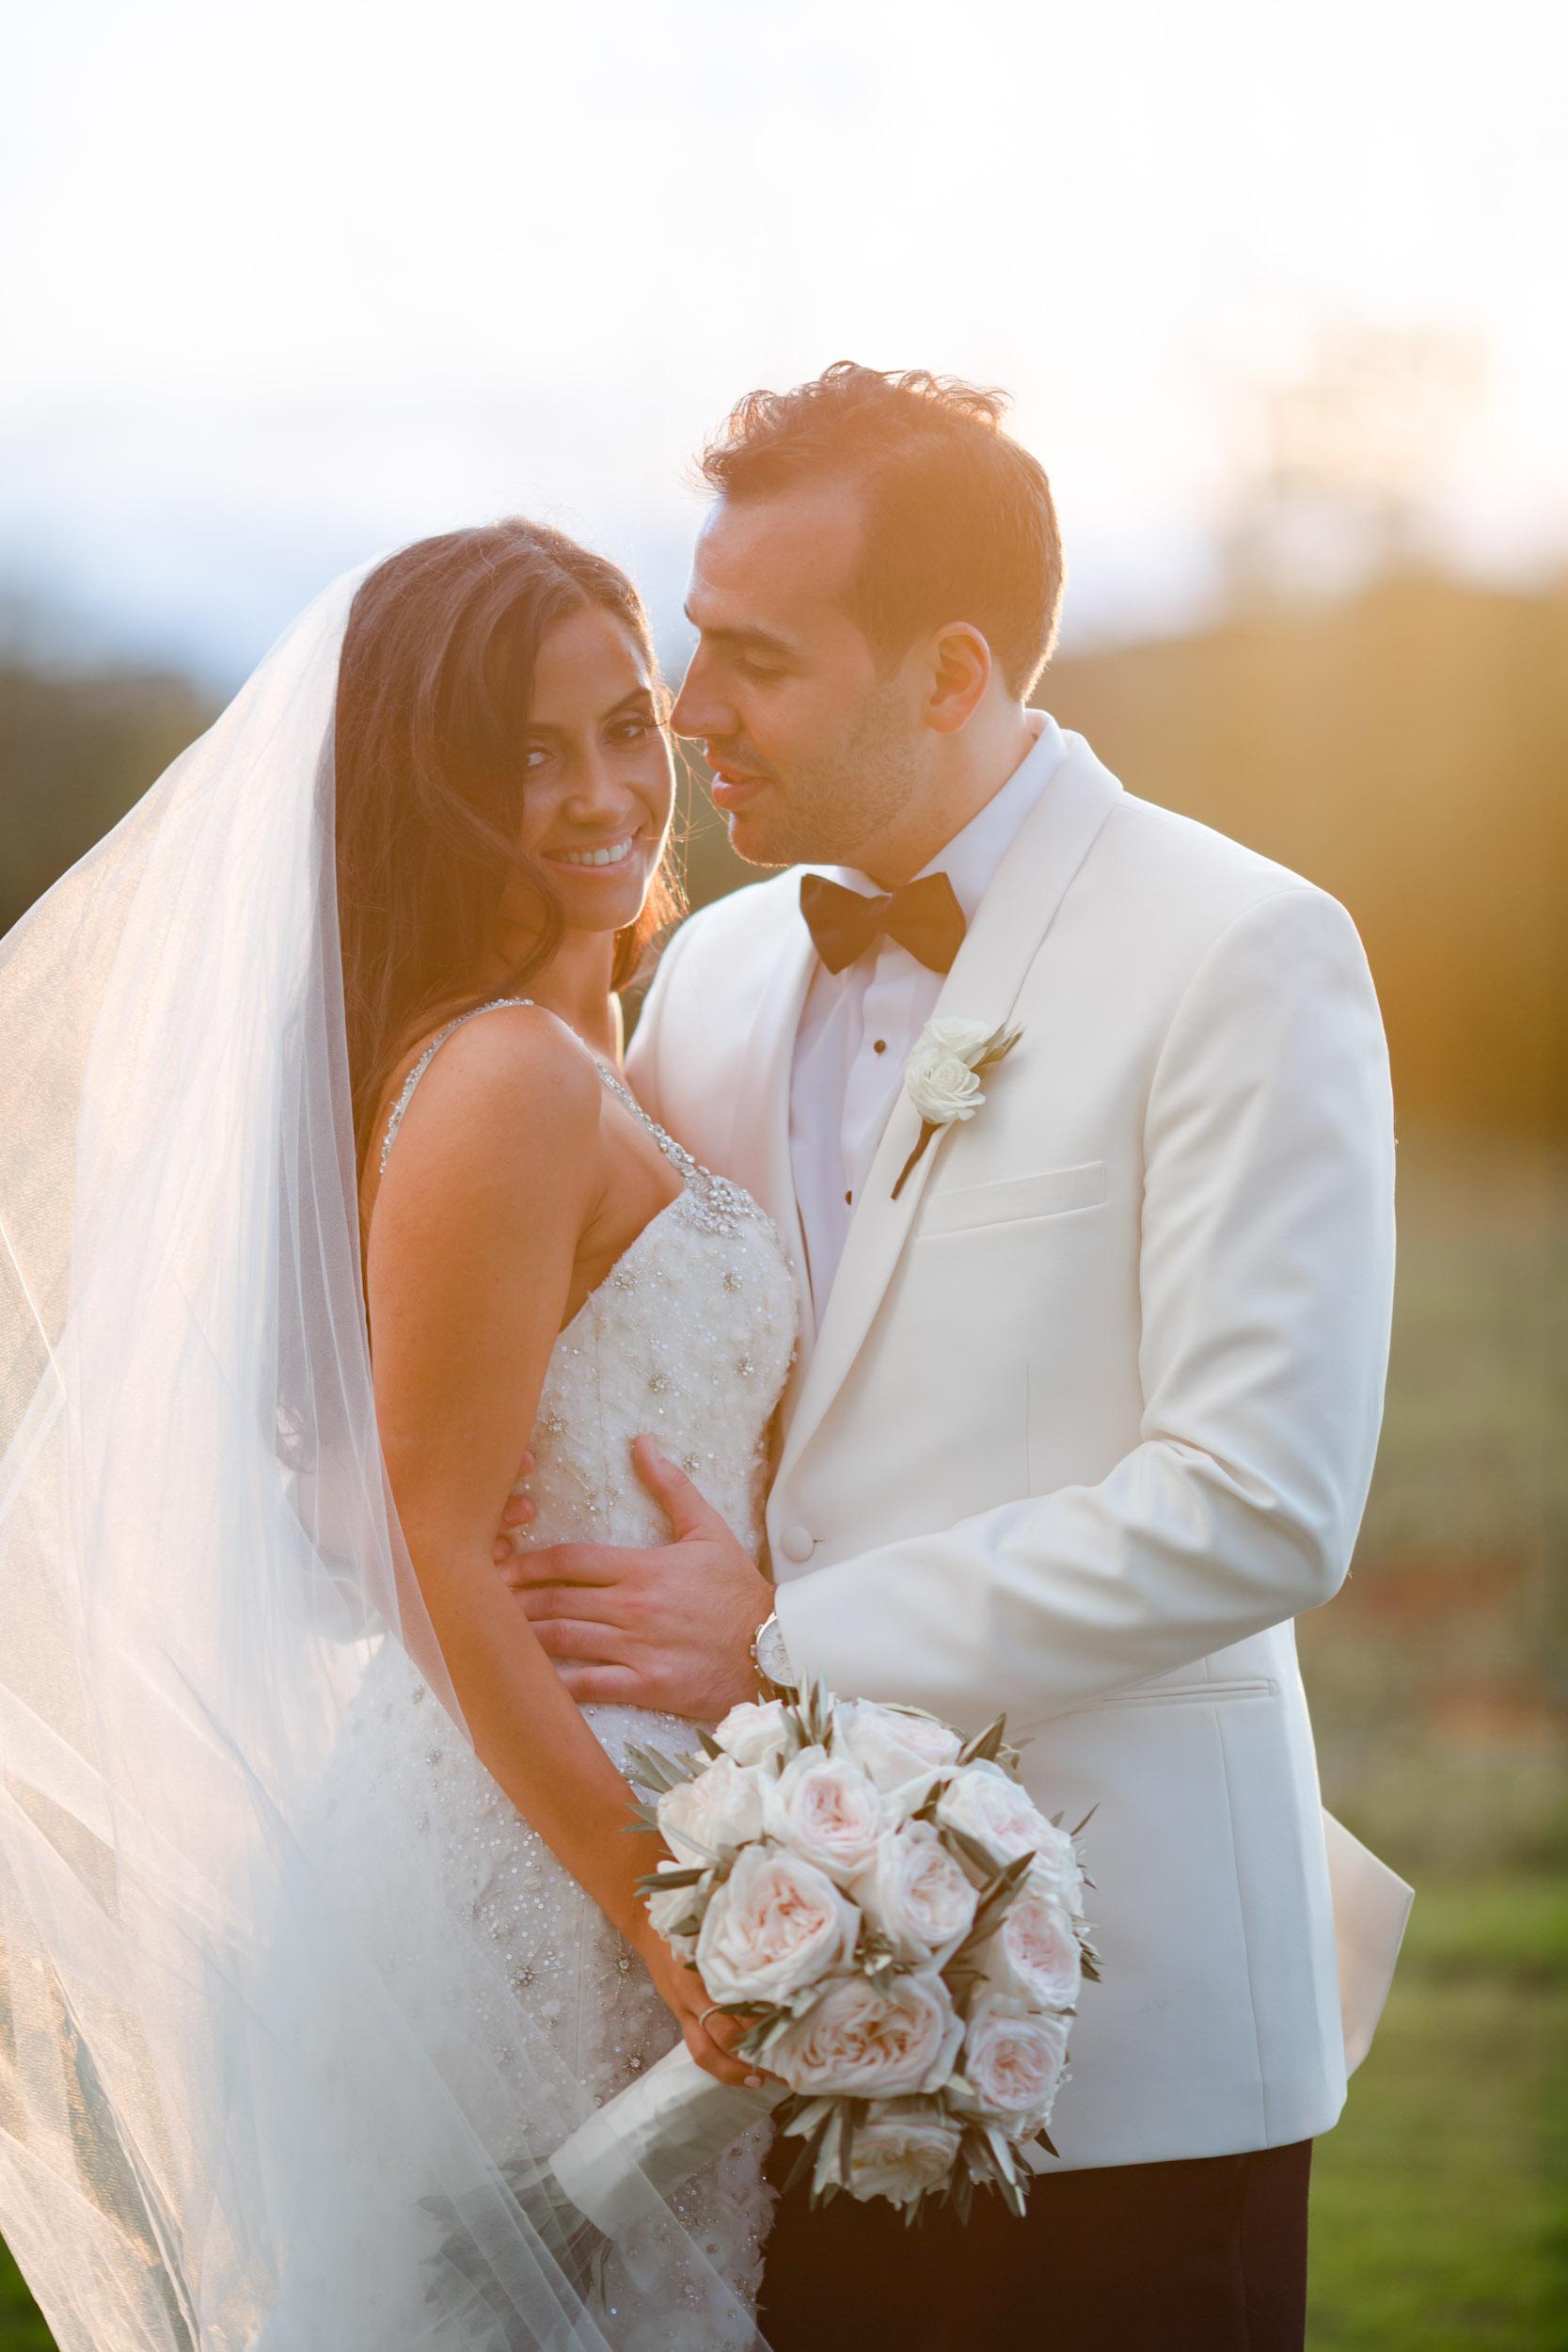 chicago-wedding-photos-studio-this-is-jack-schroeder-63.jpg